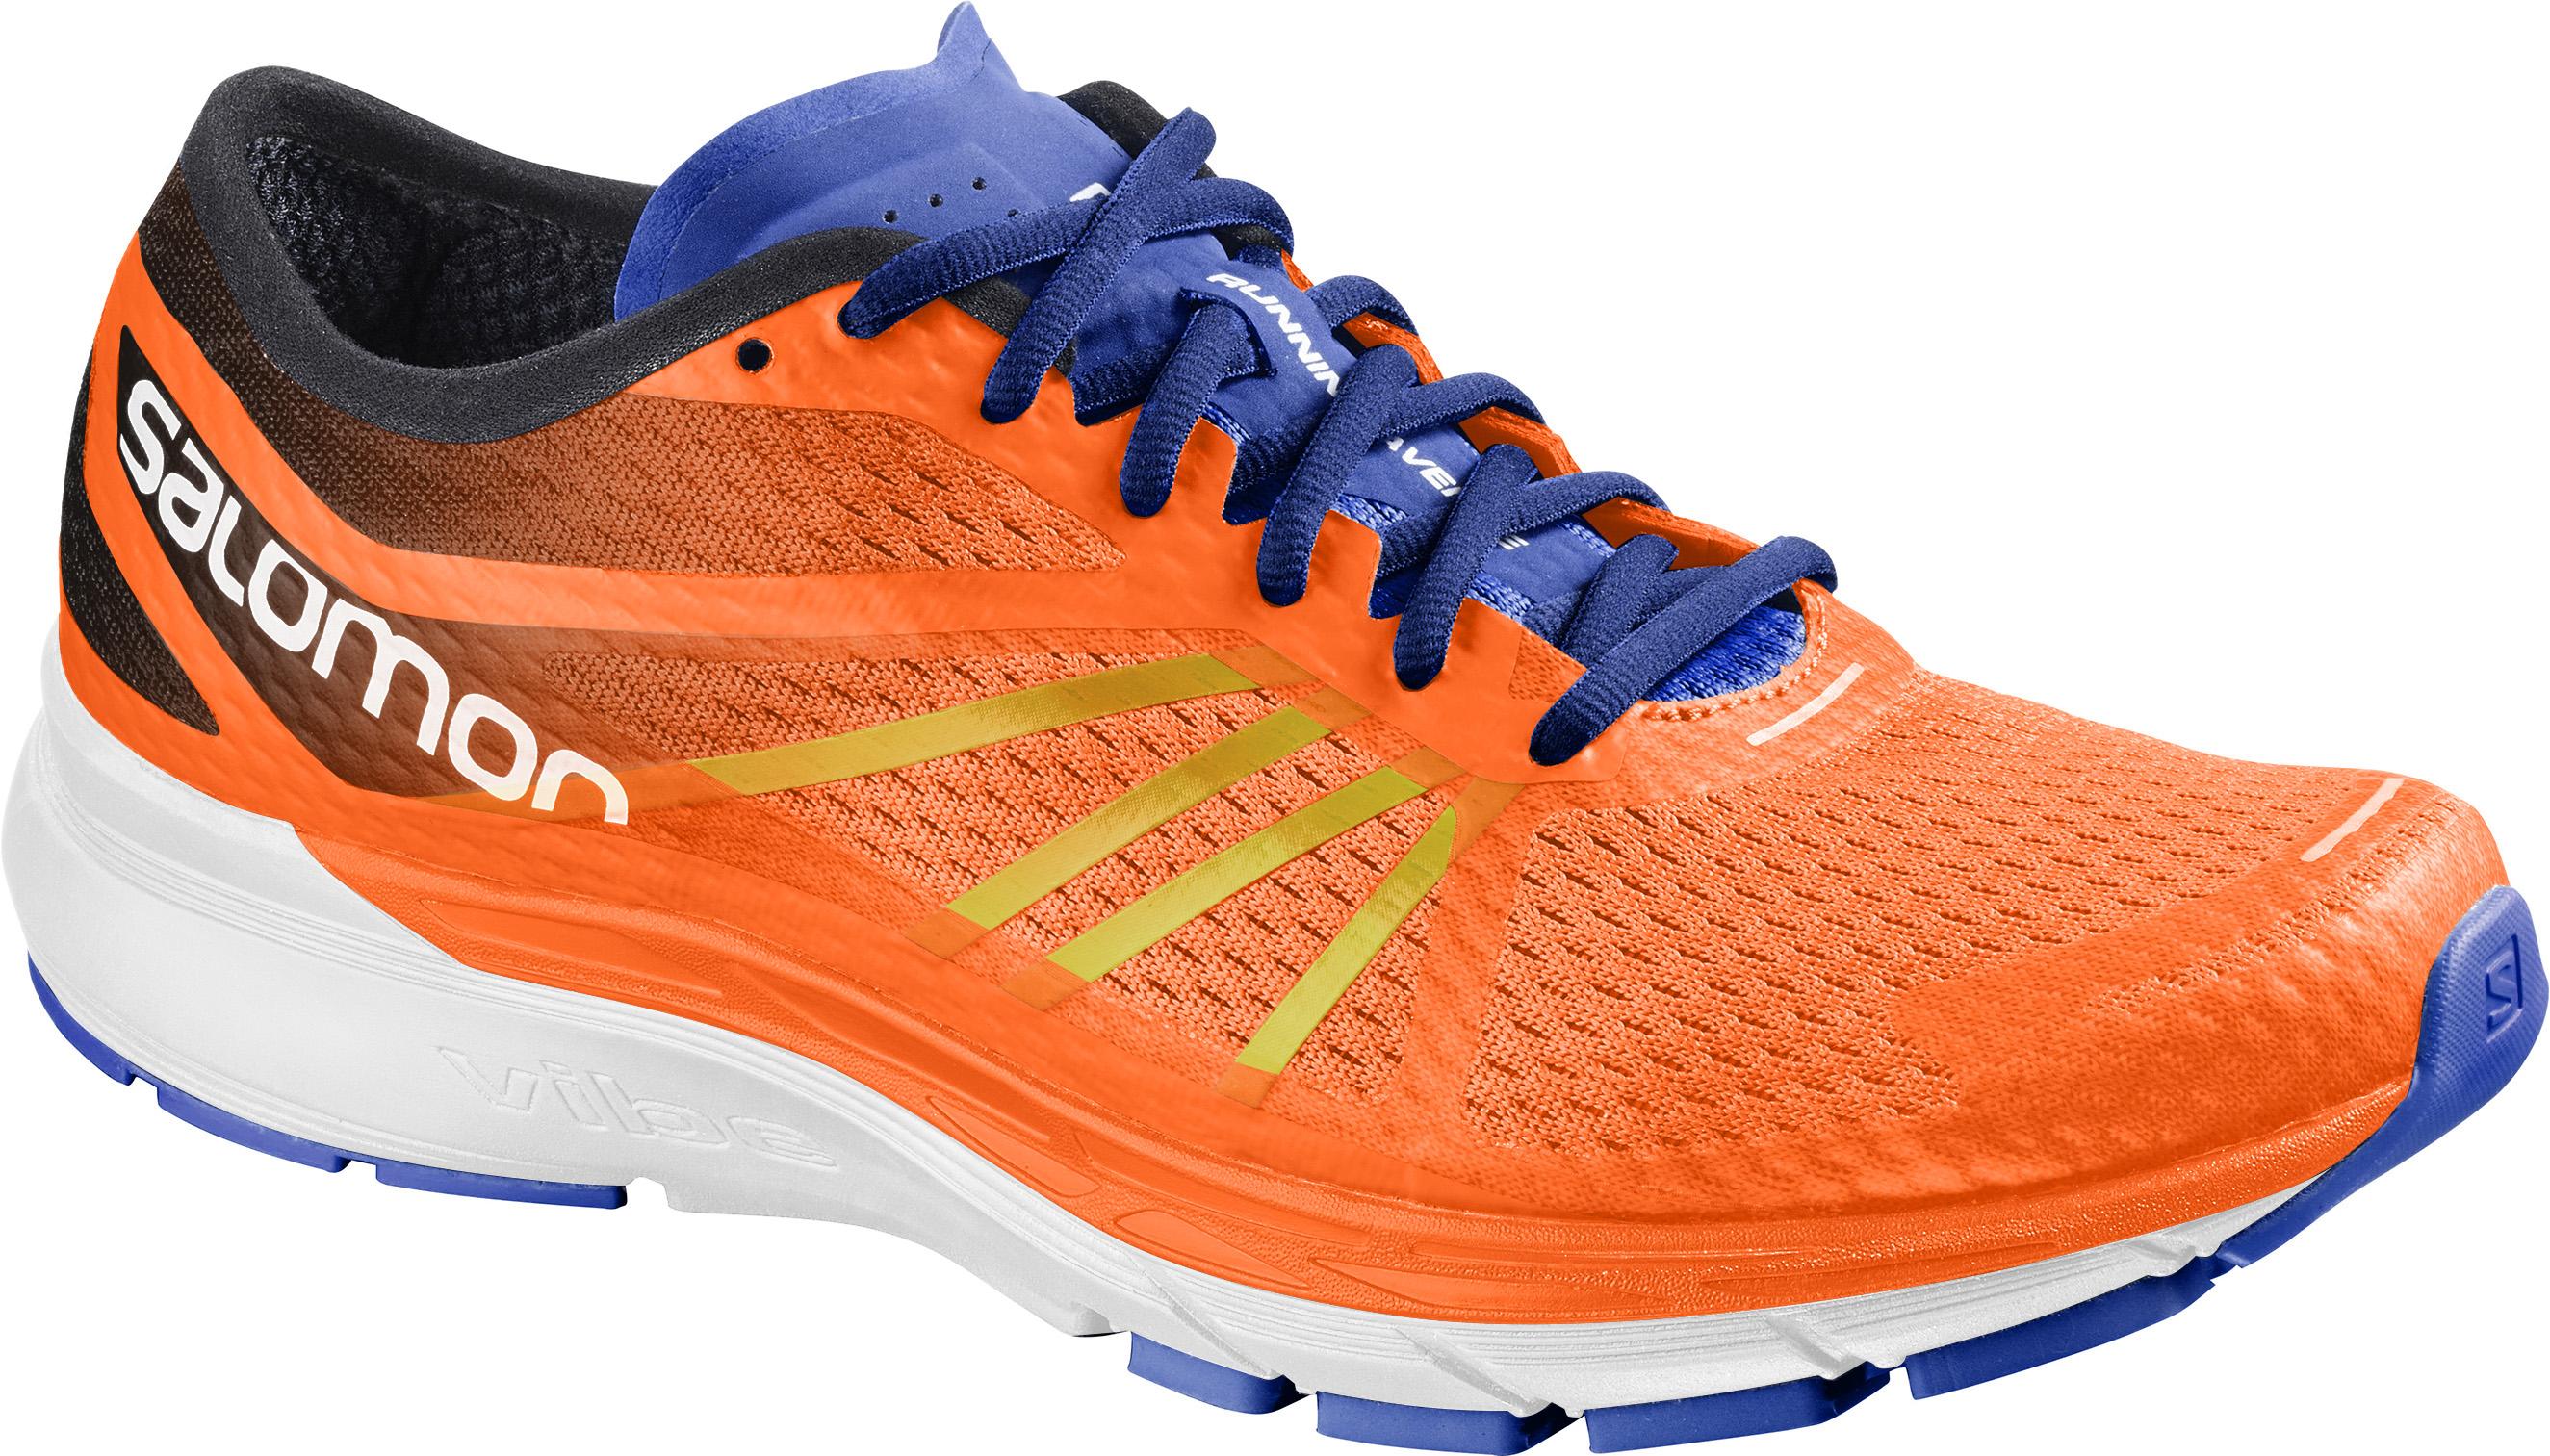 Salomon SONIC RA PRO, muške tenisice za trčanje, narančasta